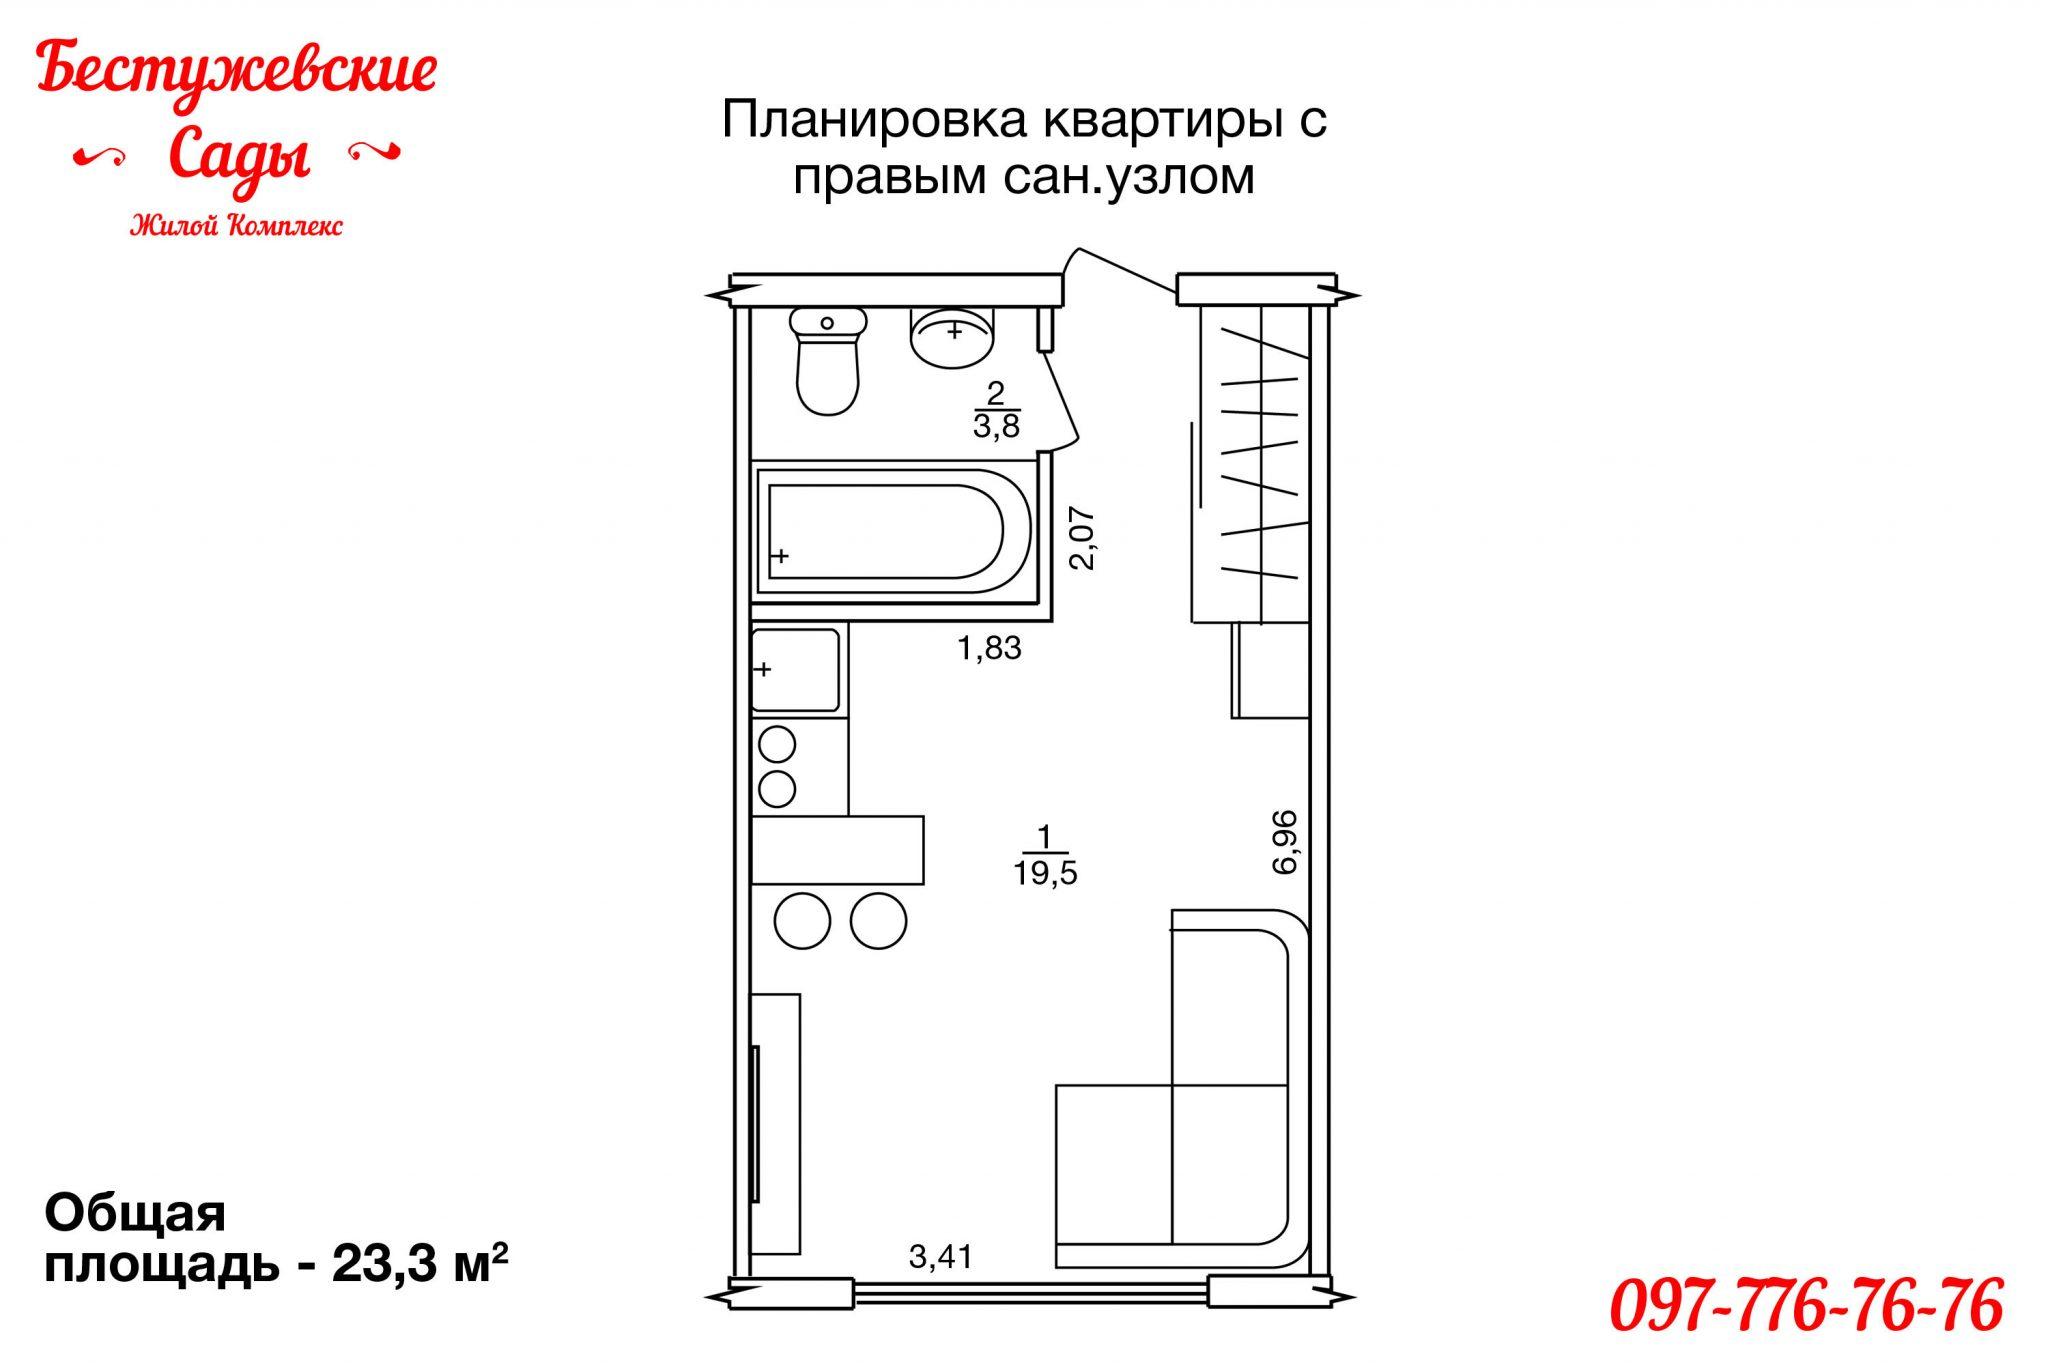 Квартиры для студентов